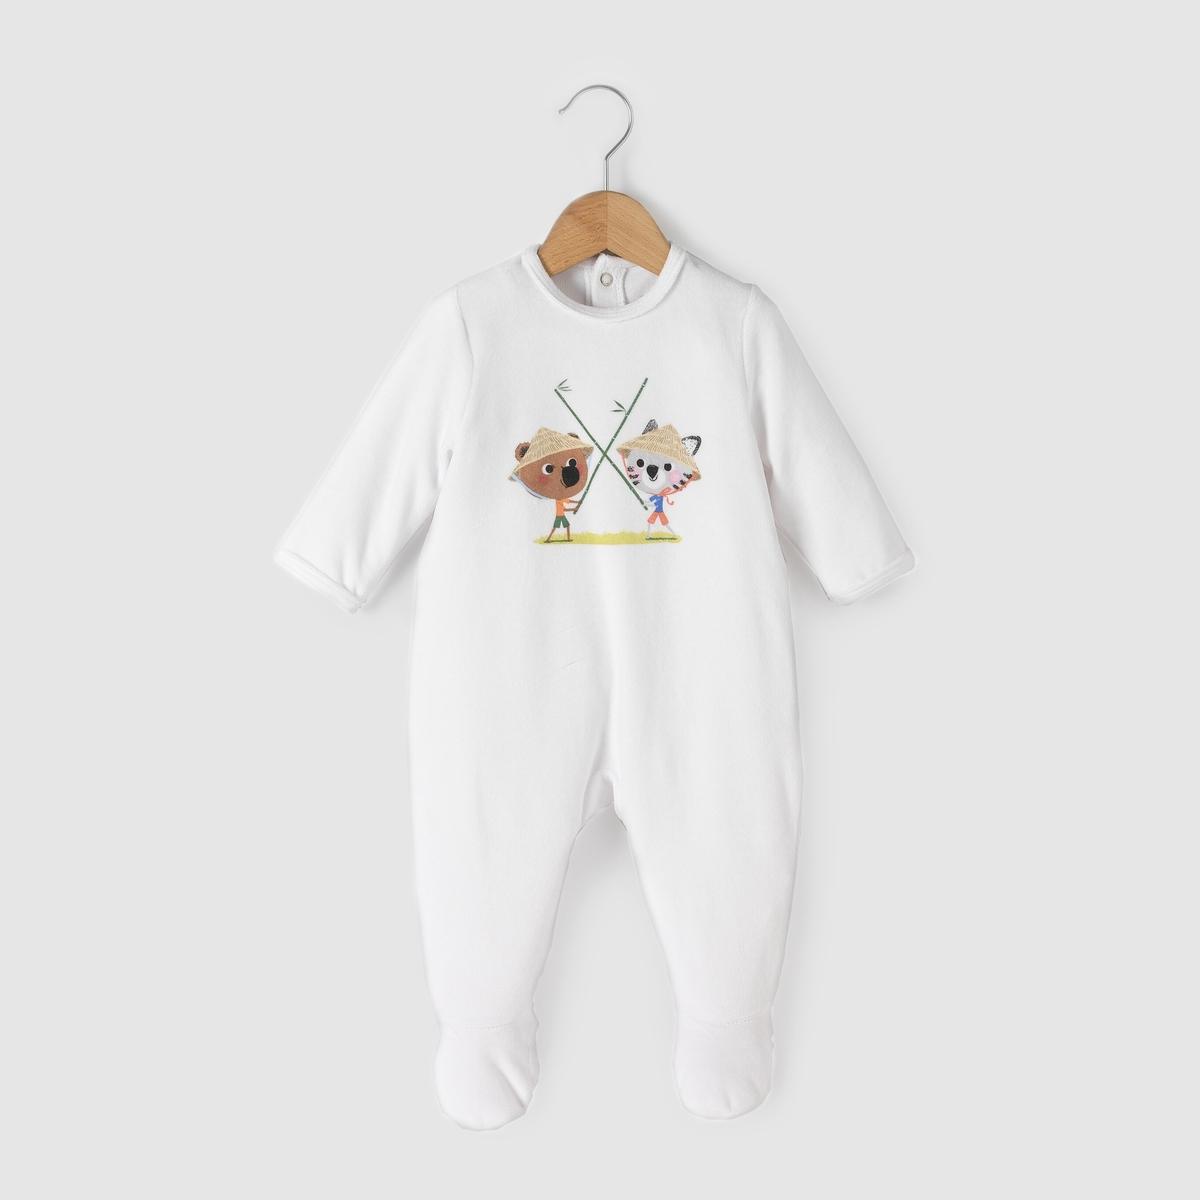 Пижама MOUK велюровая, 0 мес. - 3 лет